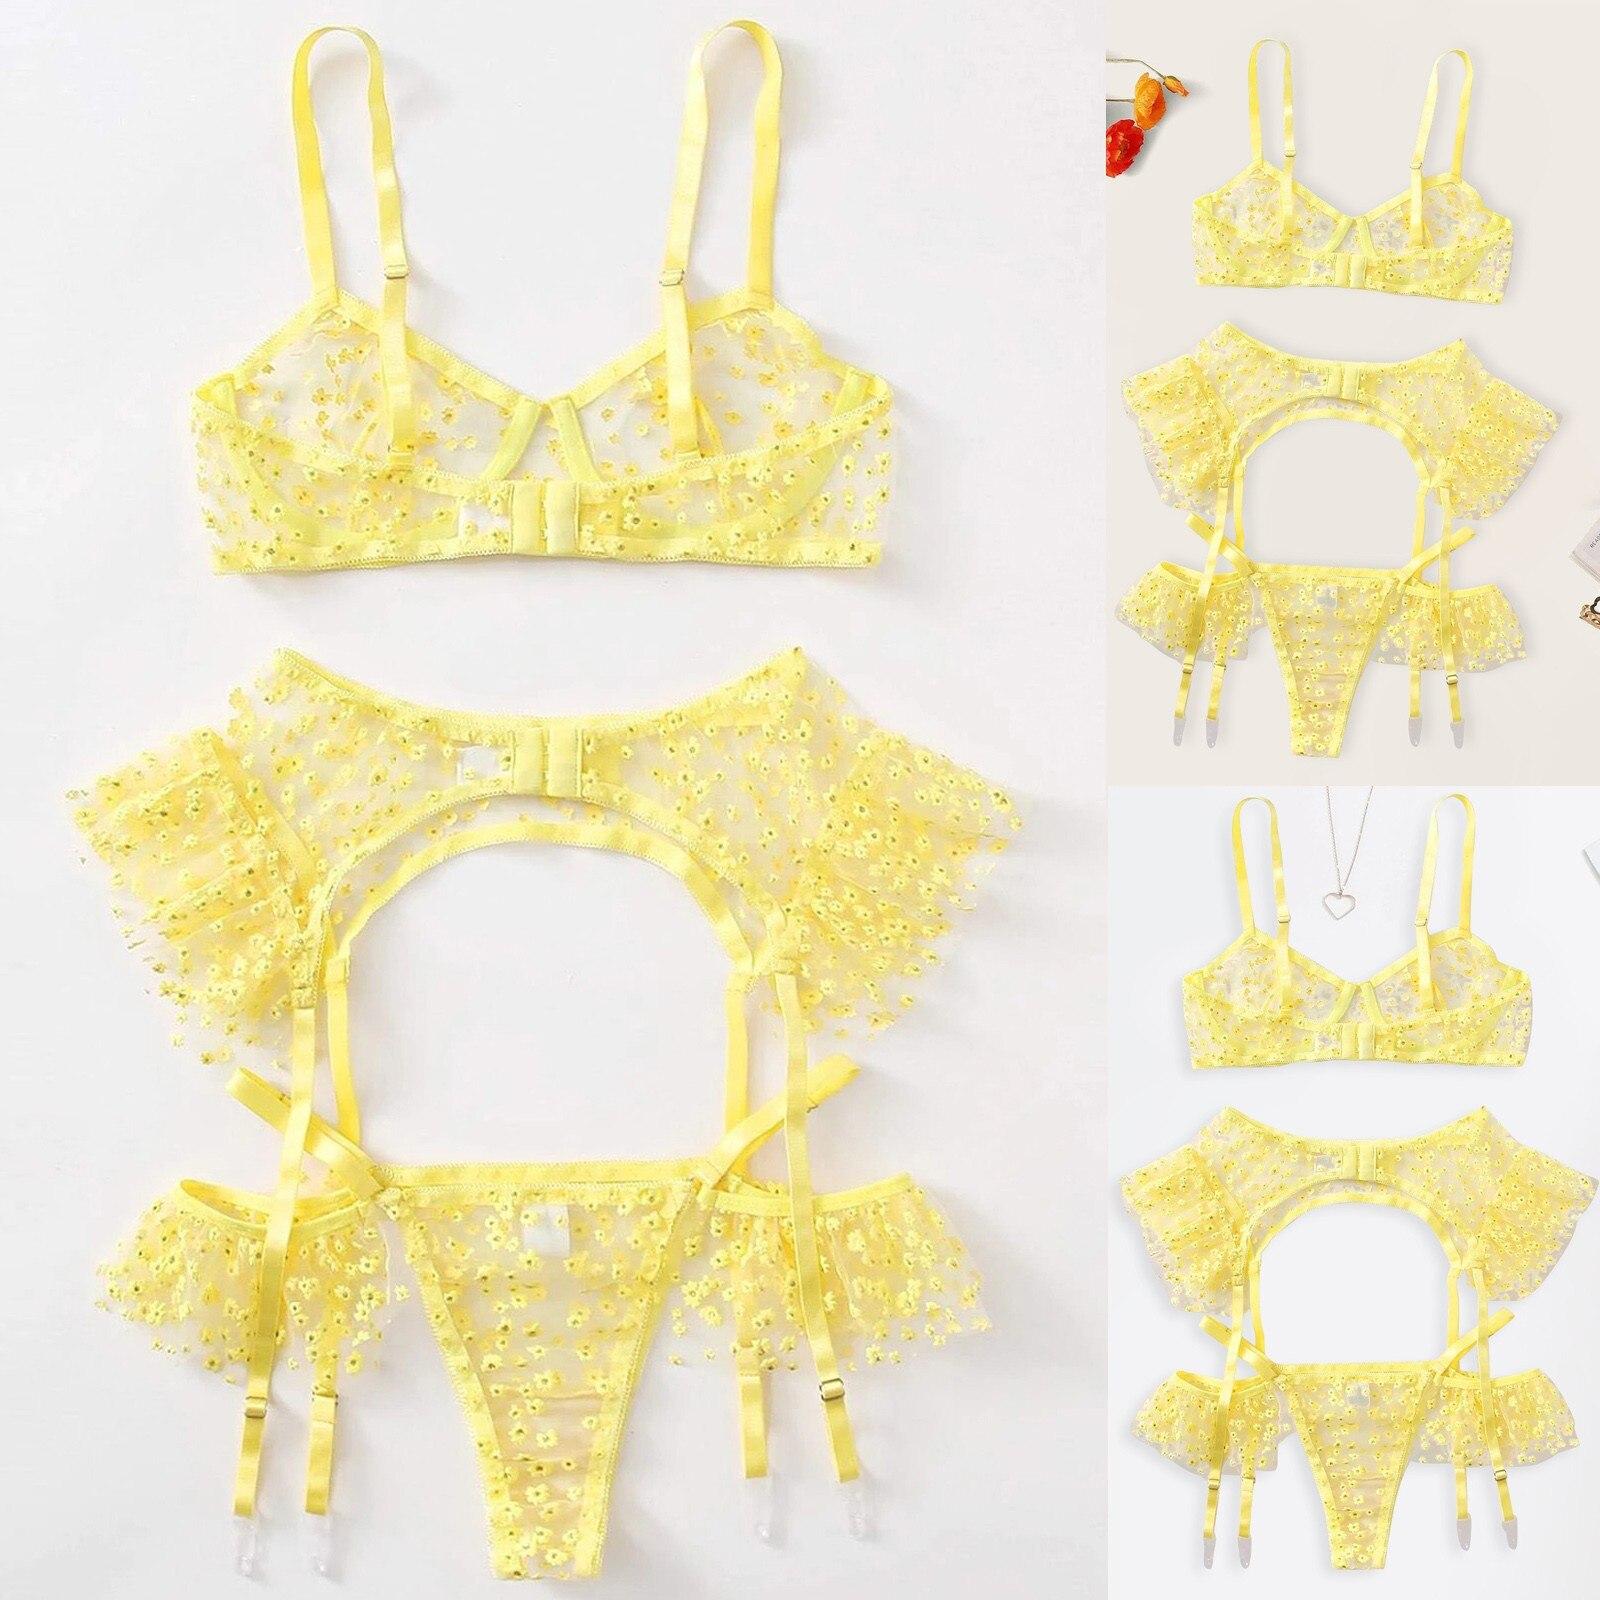 40 # сексуальное женское белье Для женщин желтый комплект нижнего белья бюстгальтер на косточках сексуальные трусики